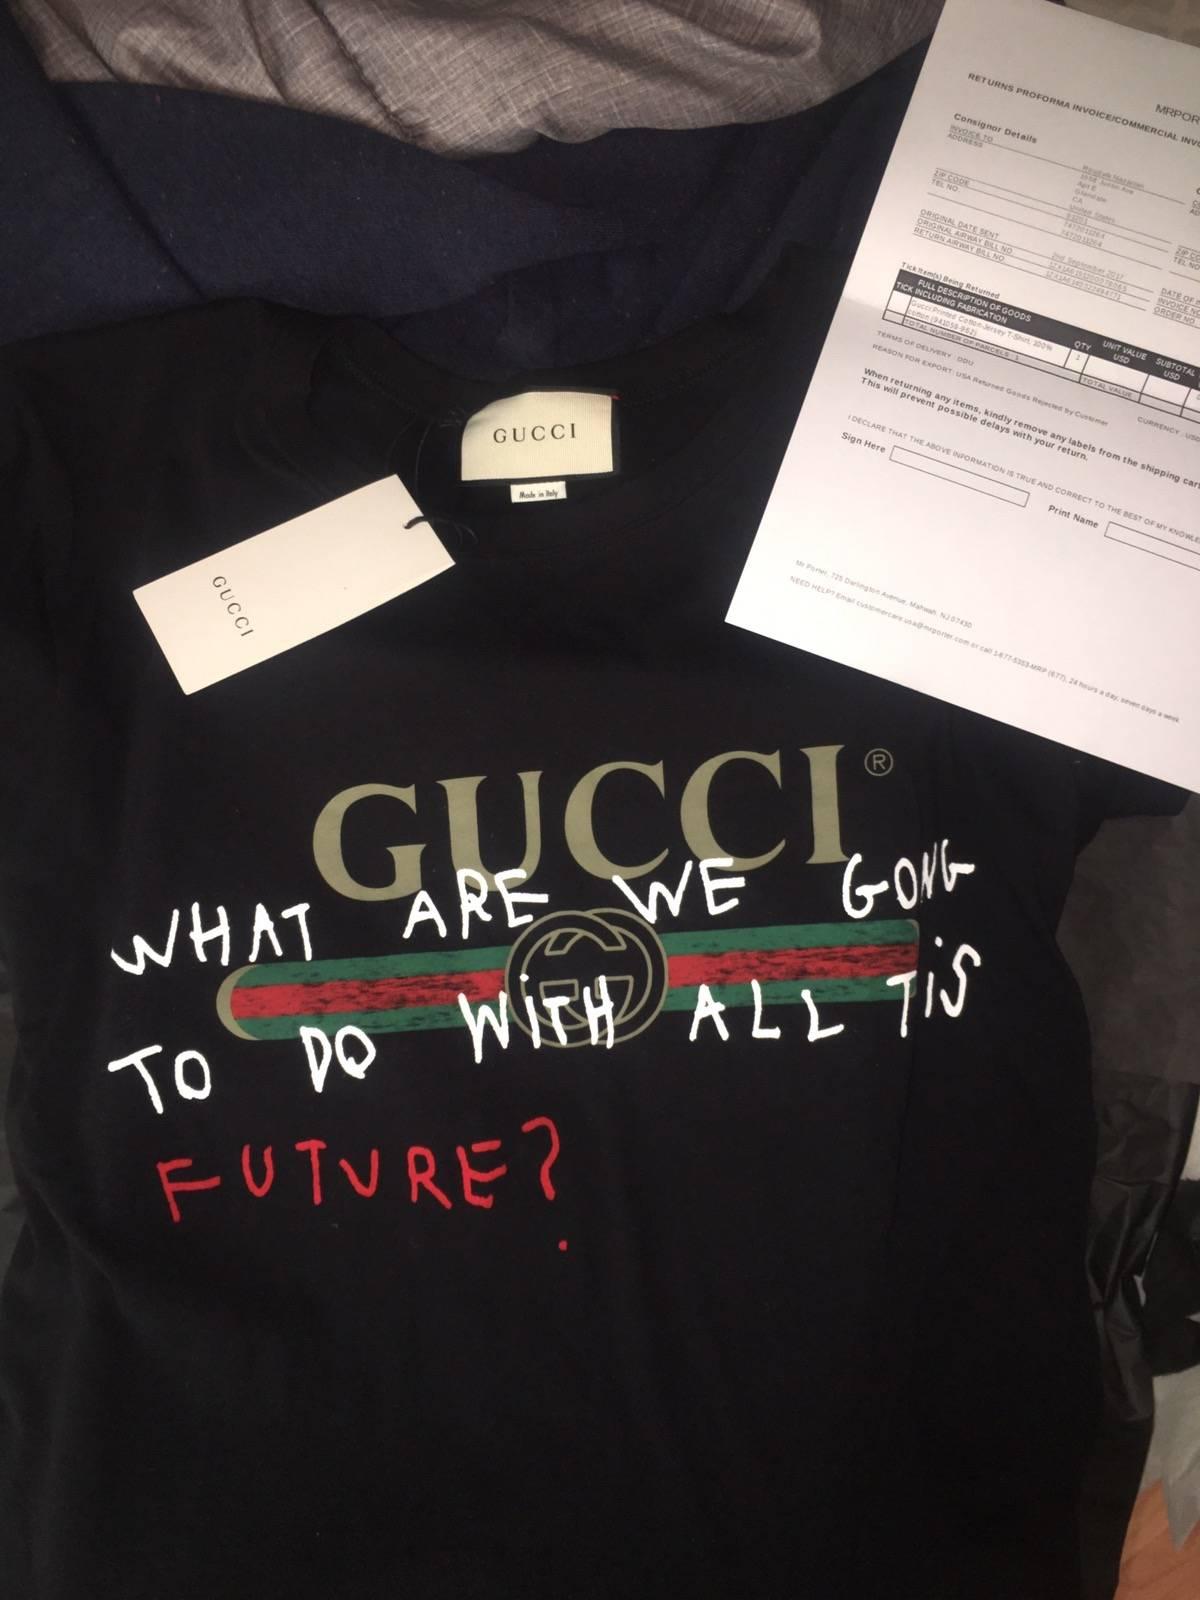 dea651362 Gucci Gucci Coco Capitan T-shirt | Grailed